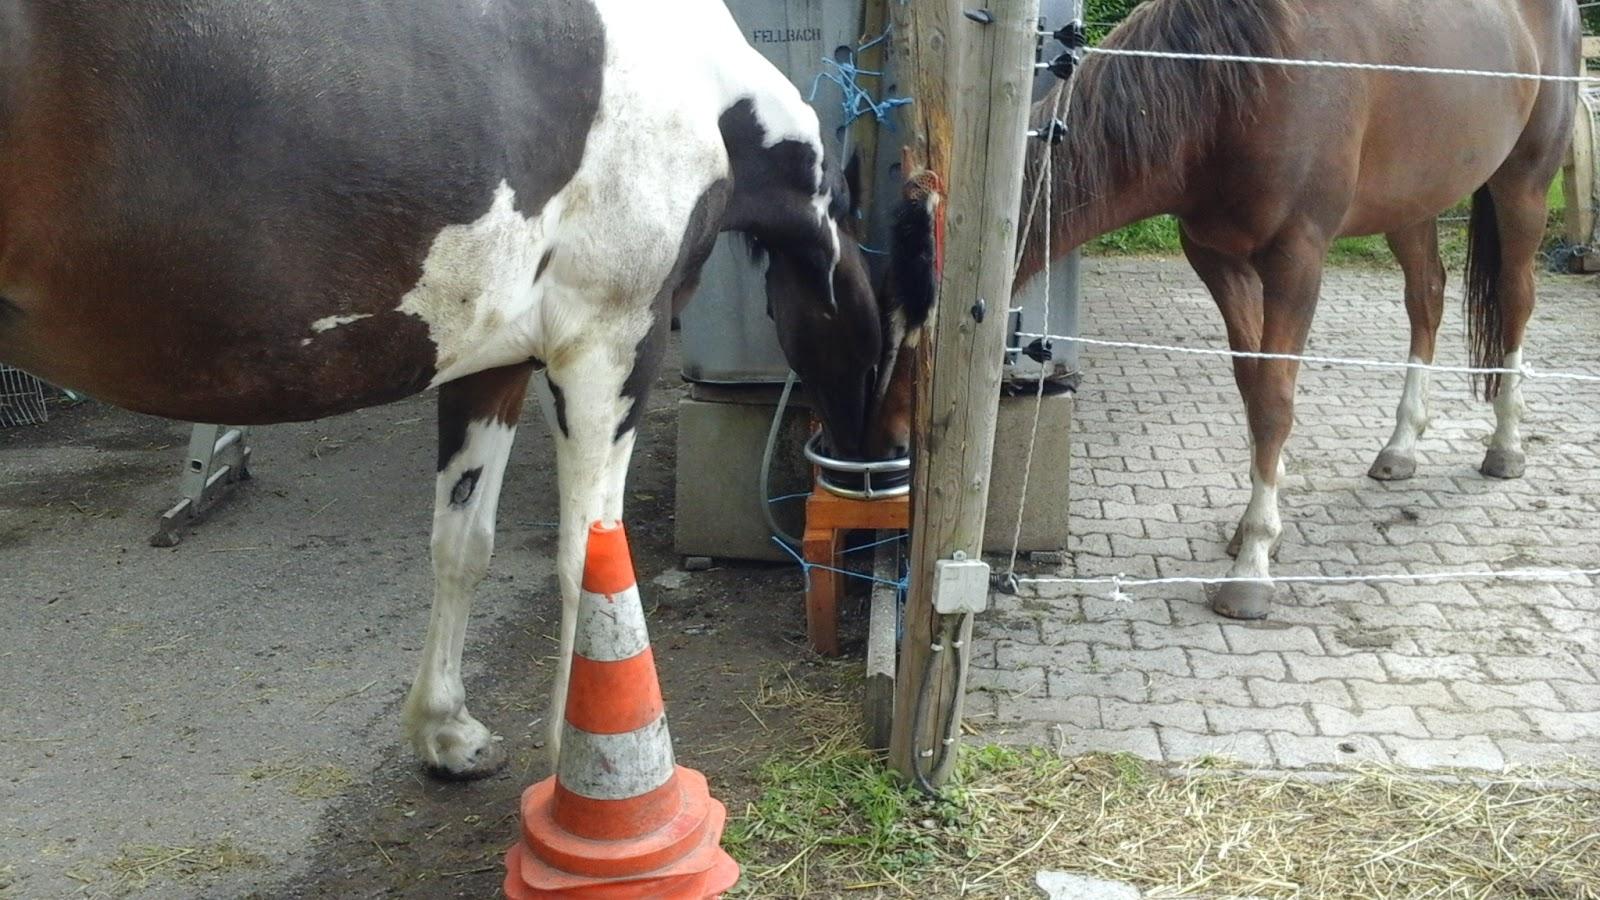 Pferde Blog: Offenstallproblem: Kein Strom, kein fließendes Wasser ...